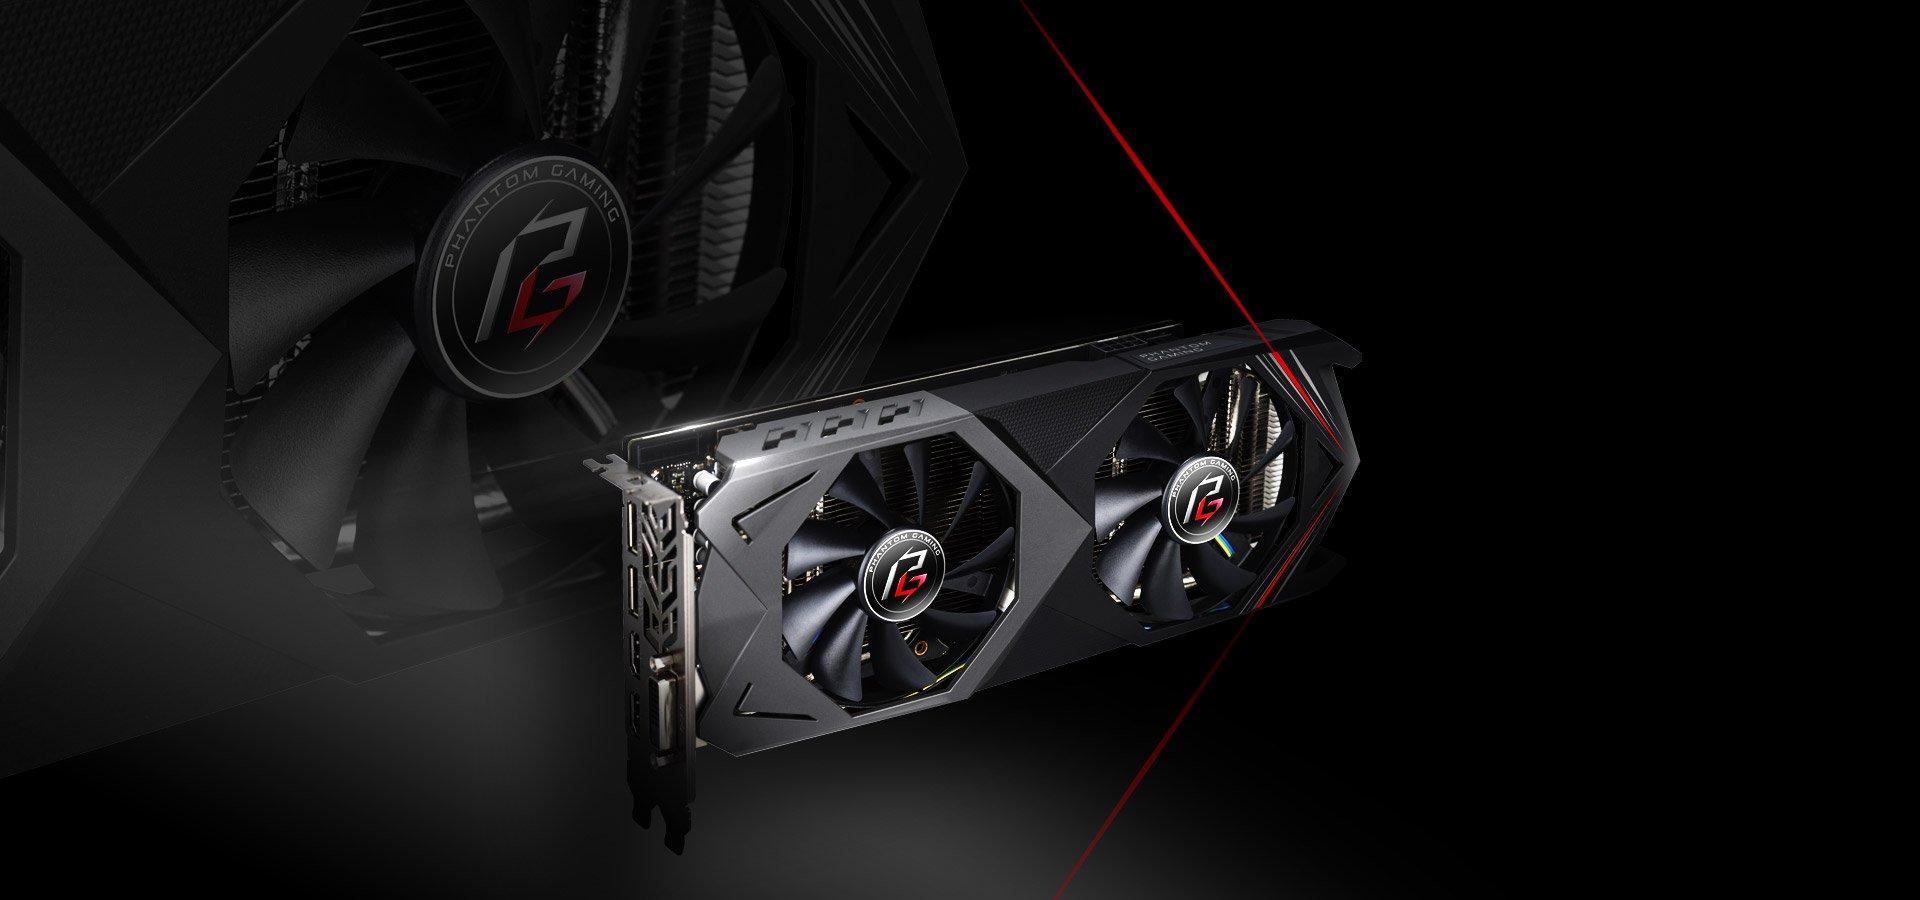 ASRock > Phantom Gaming X Radeon RX590 8G OC